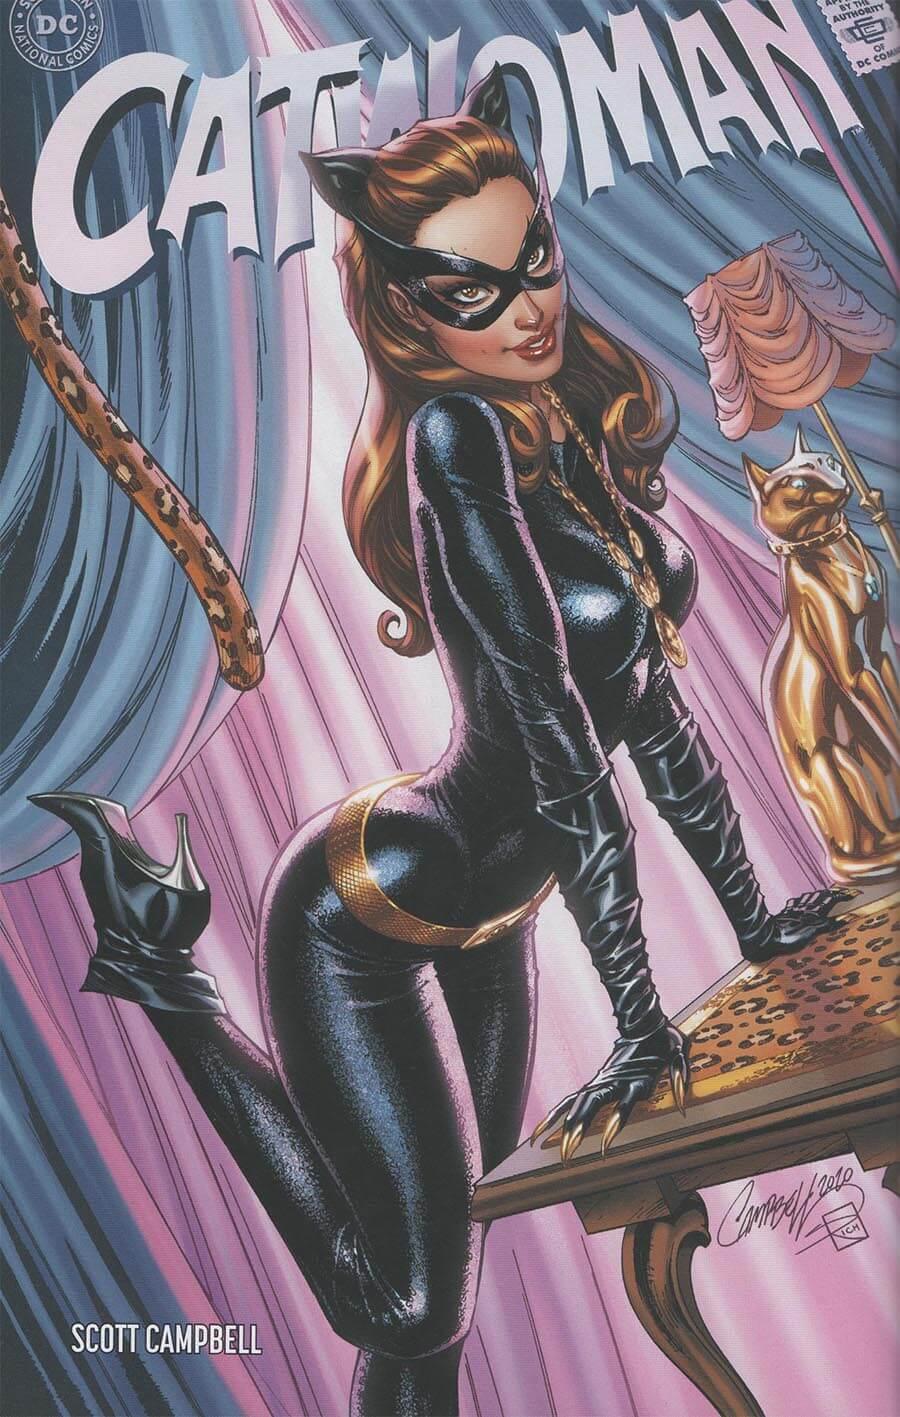 Reseña Catwoman: Especial 80 aniversario